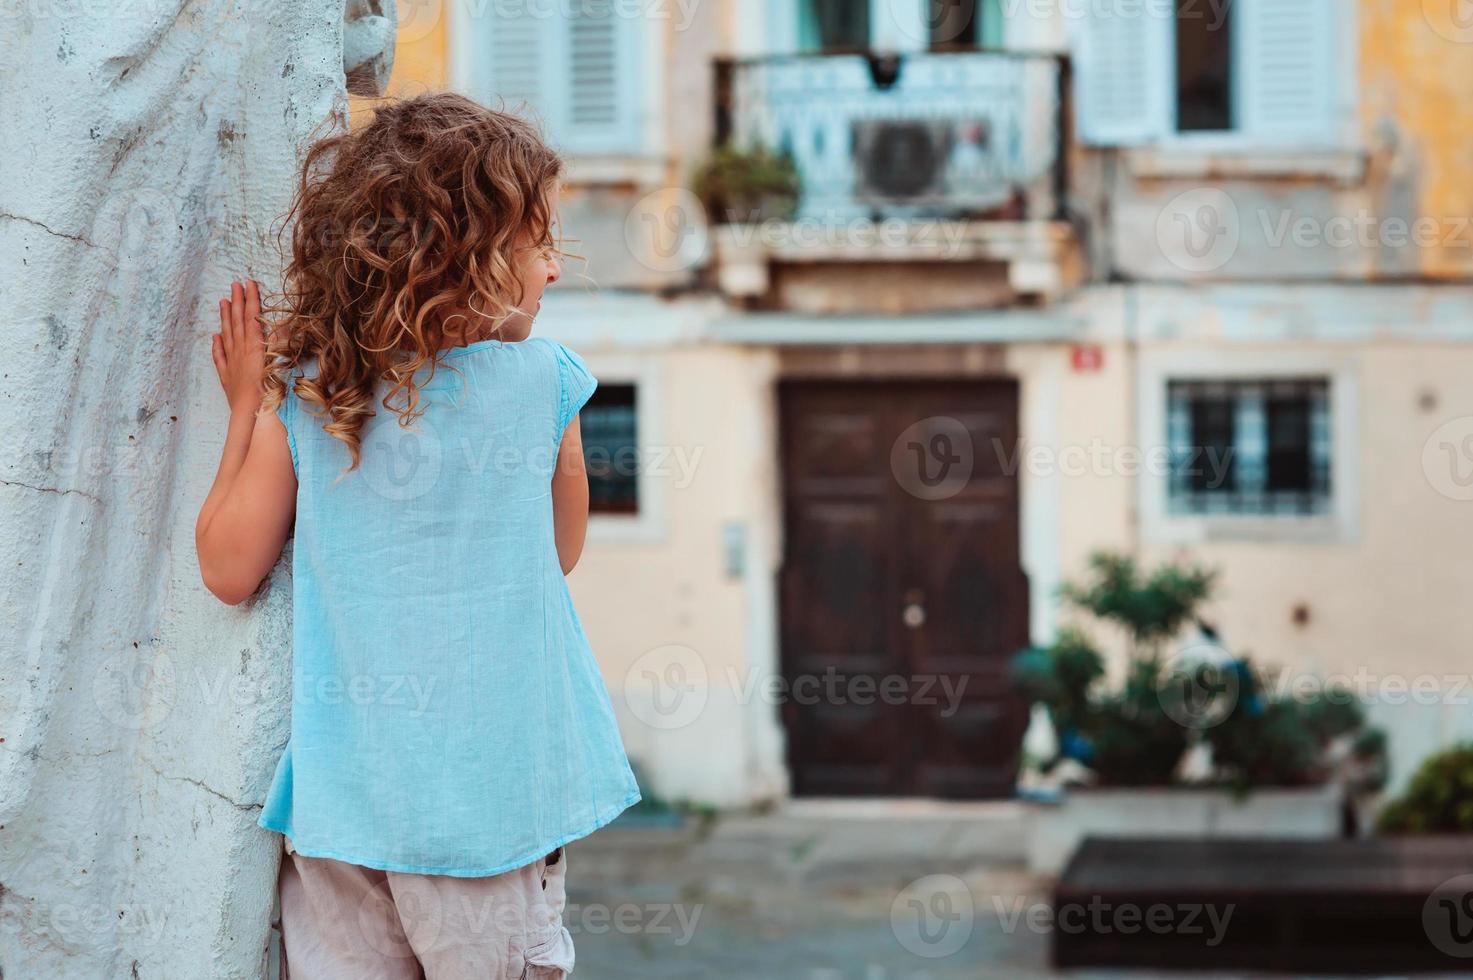 Ourist barnflicka går på gatorna i Piran, Slovenien foto